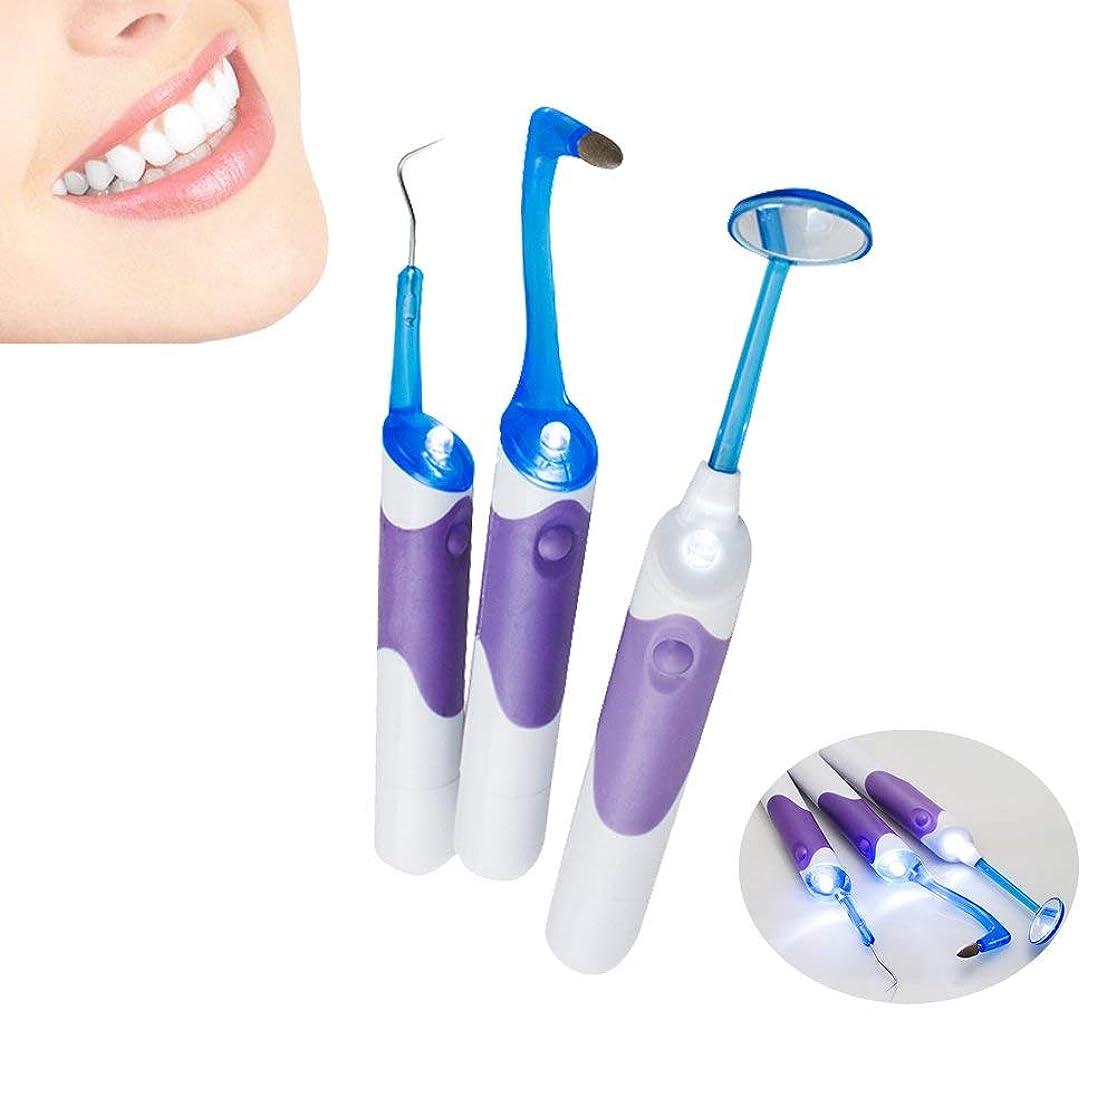 強化する収益適切に基本歯科機器 LEDランプ 歯鏡+プラーク除去+歯肉消しゴム3枚/家庭内口腔歯清掃キット